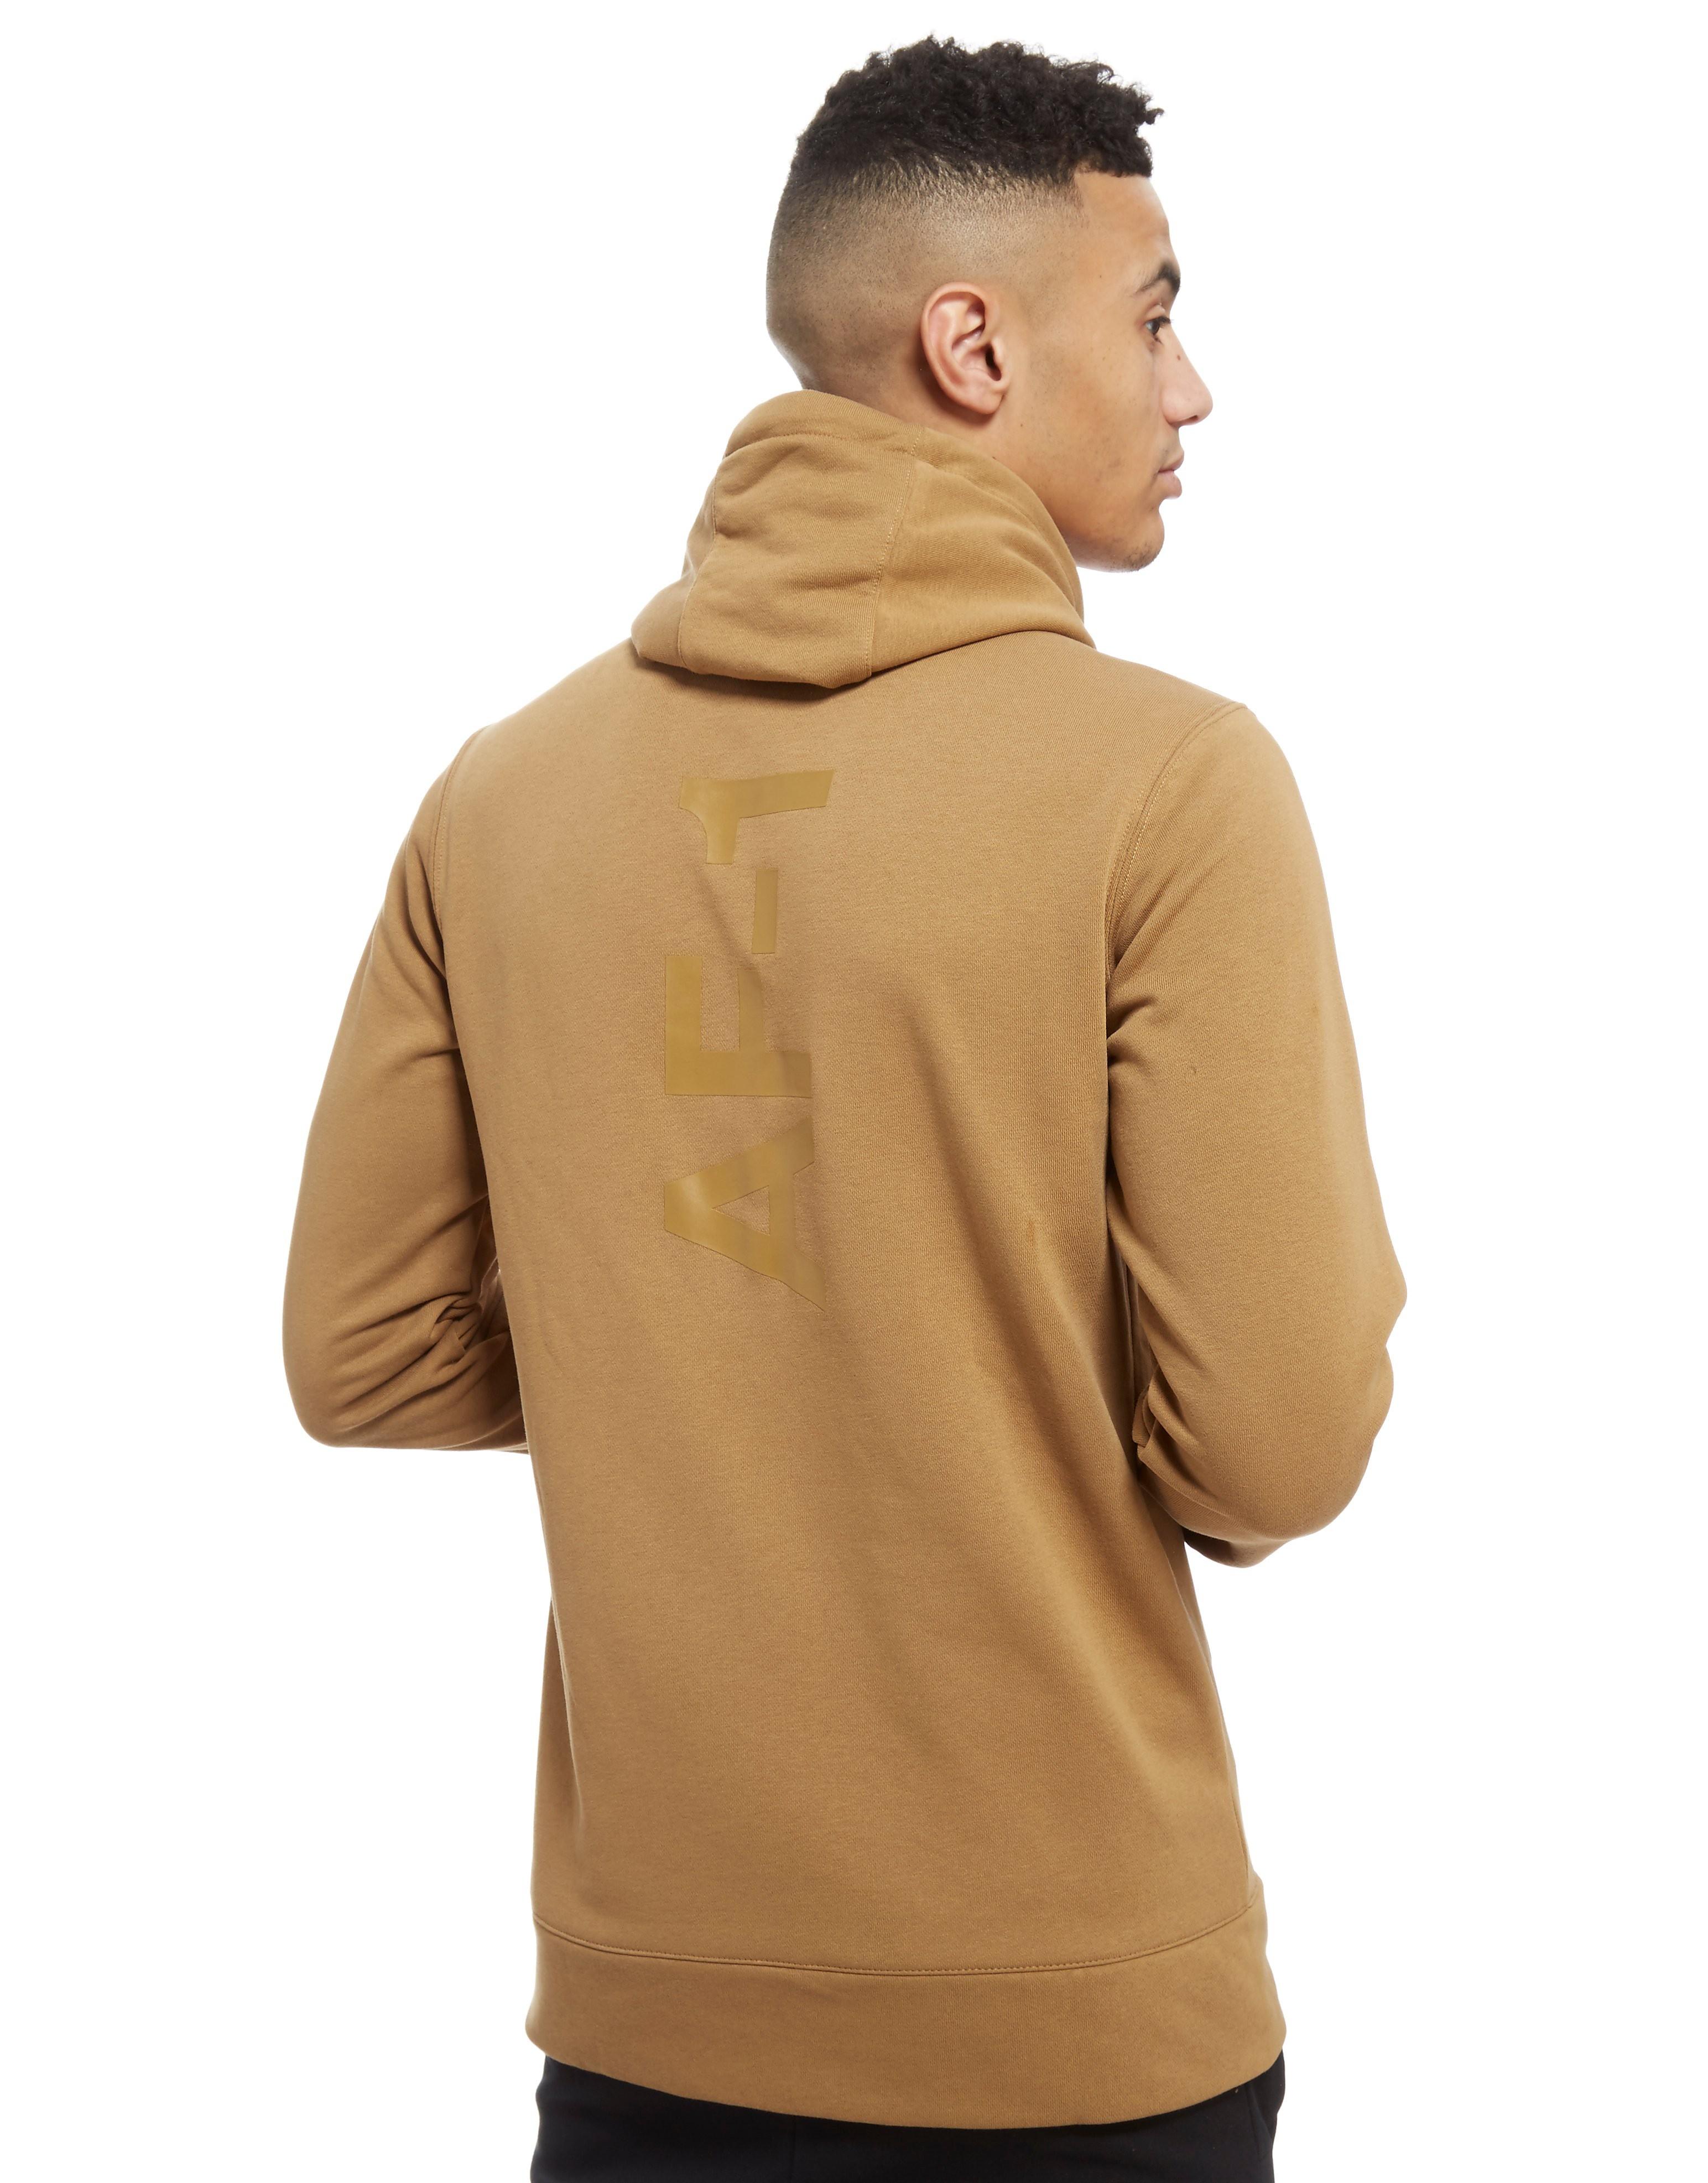 Nike Air Force 1 Full Zip Hoodie